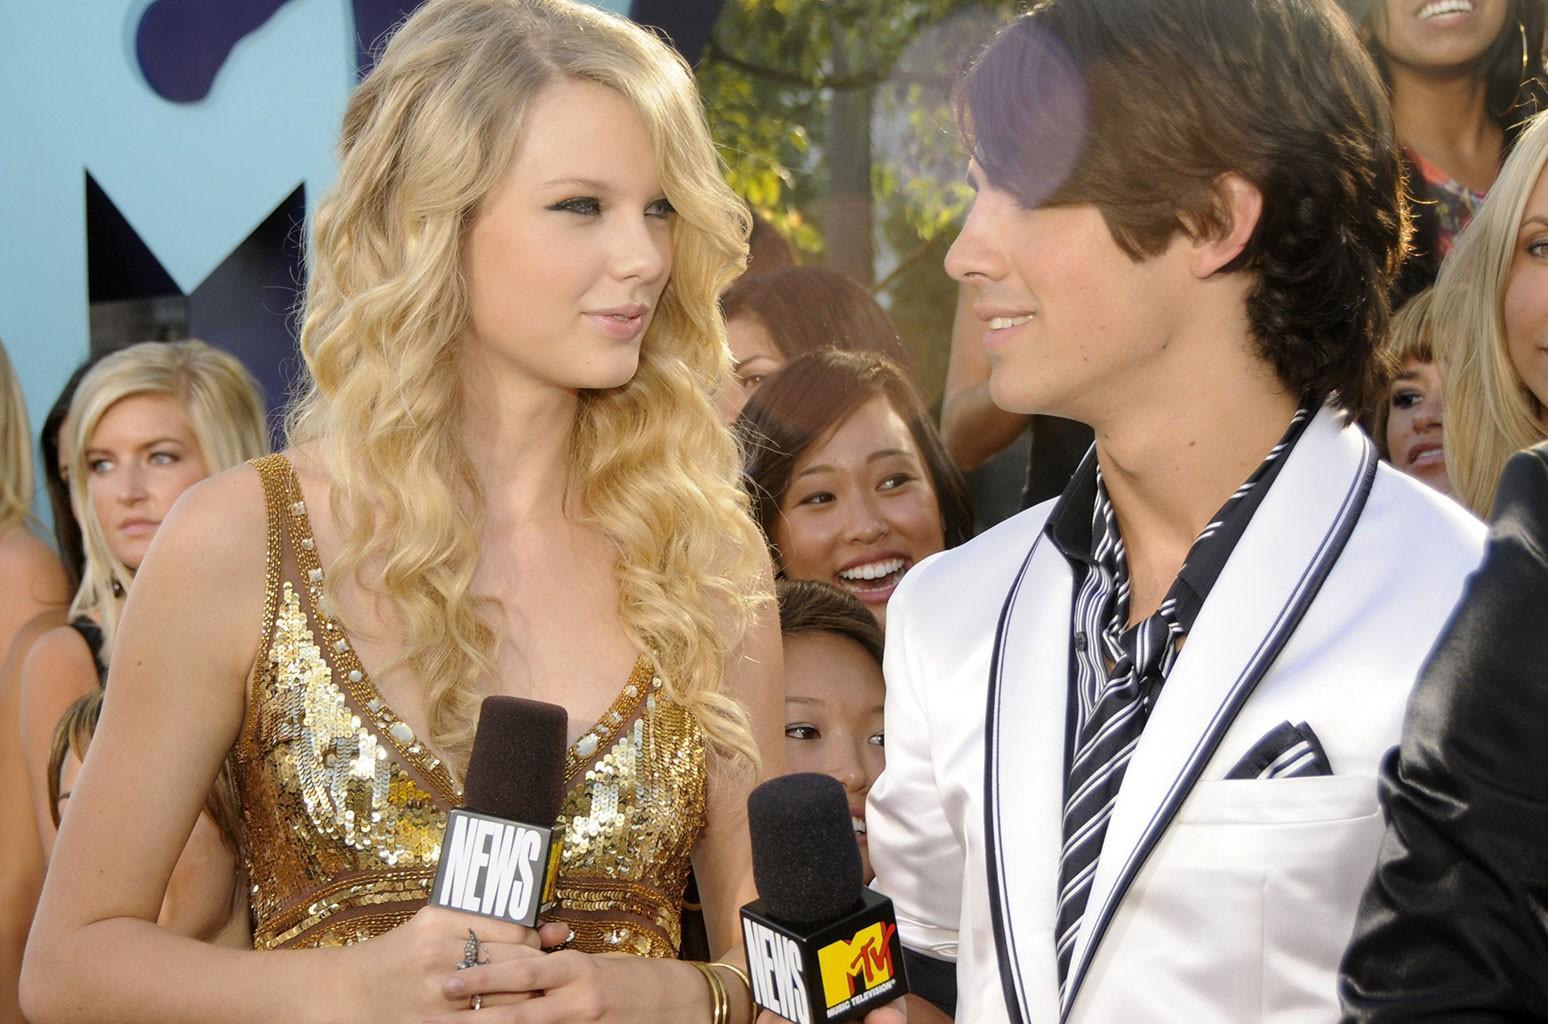 Joe Jonas Taylor Swift A Post Breakup Timeline Billboard